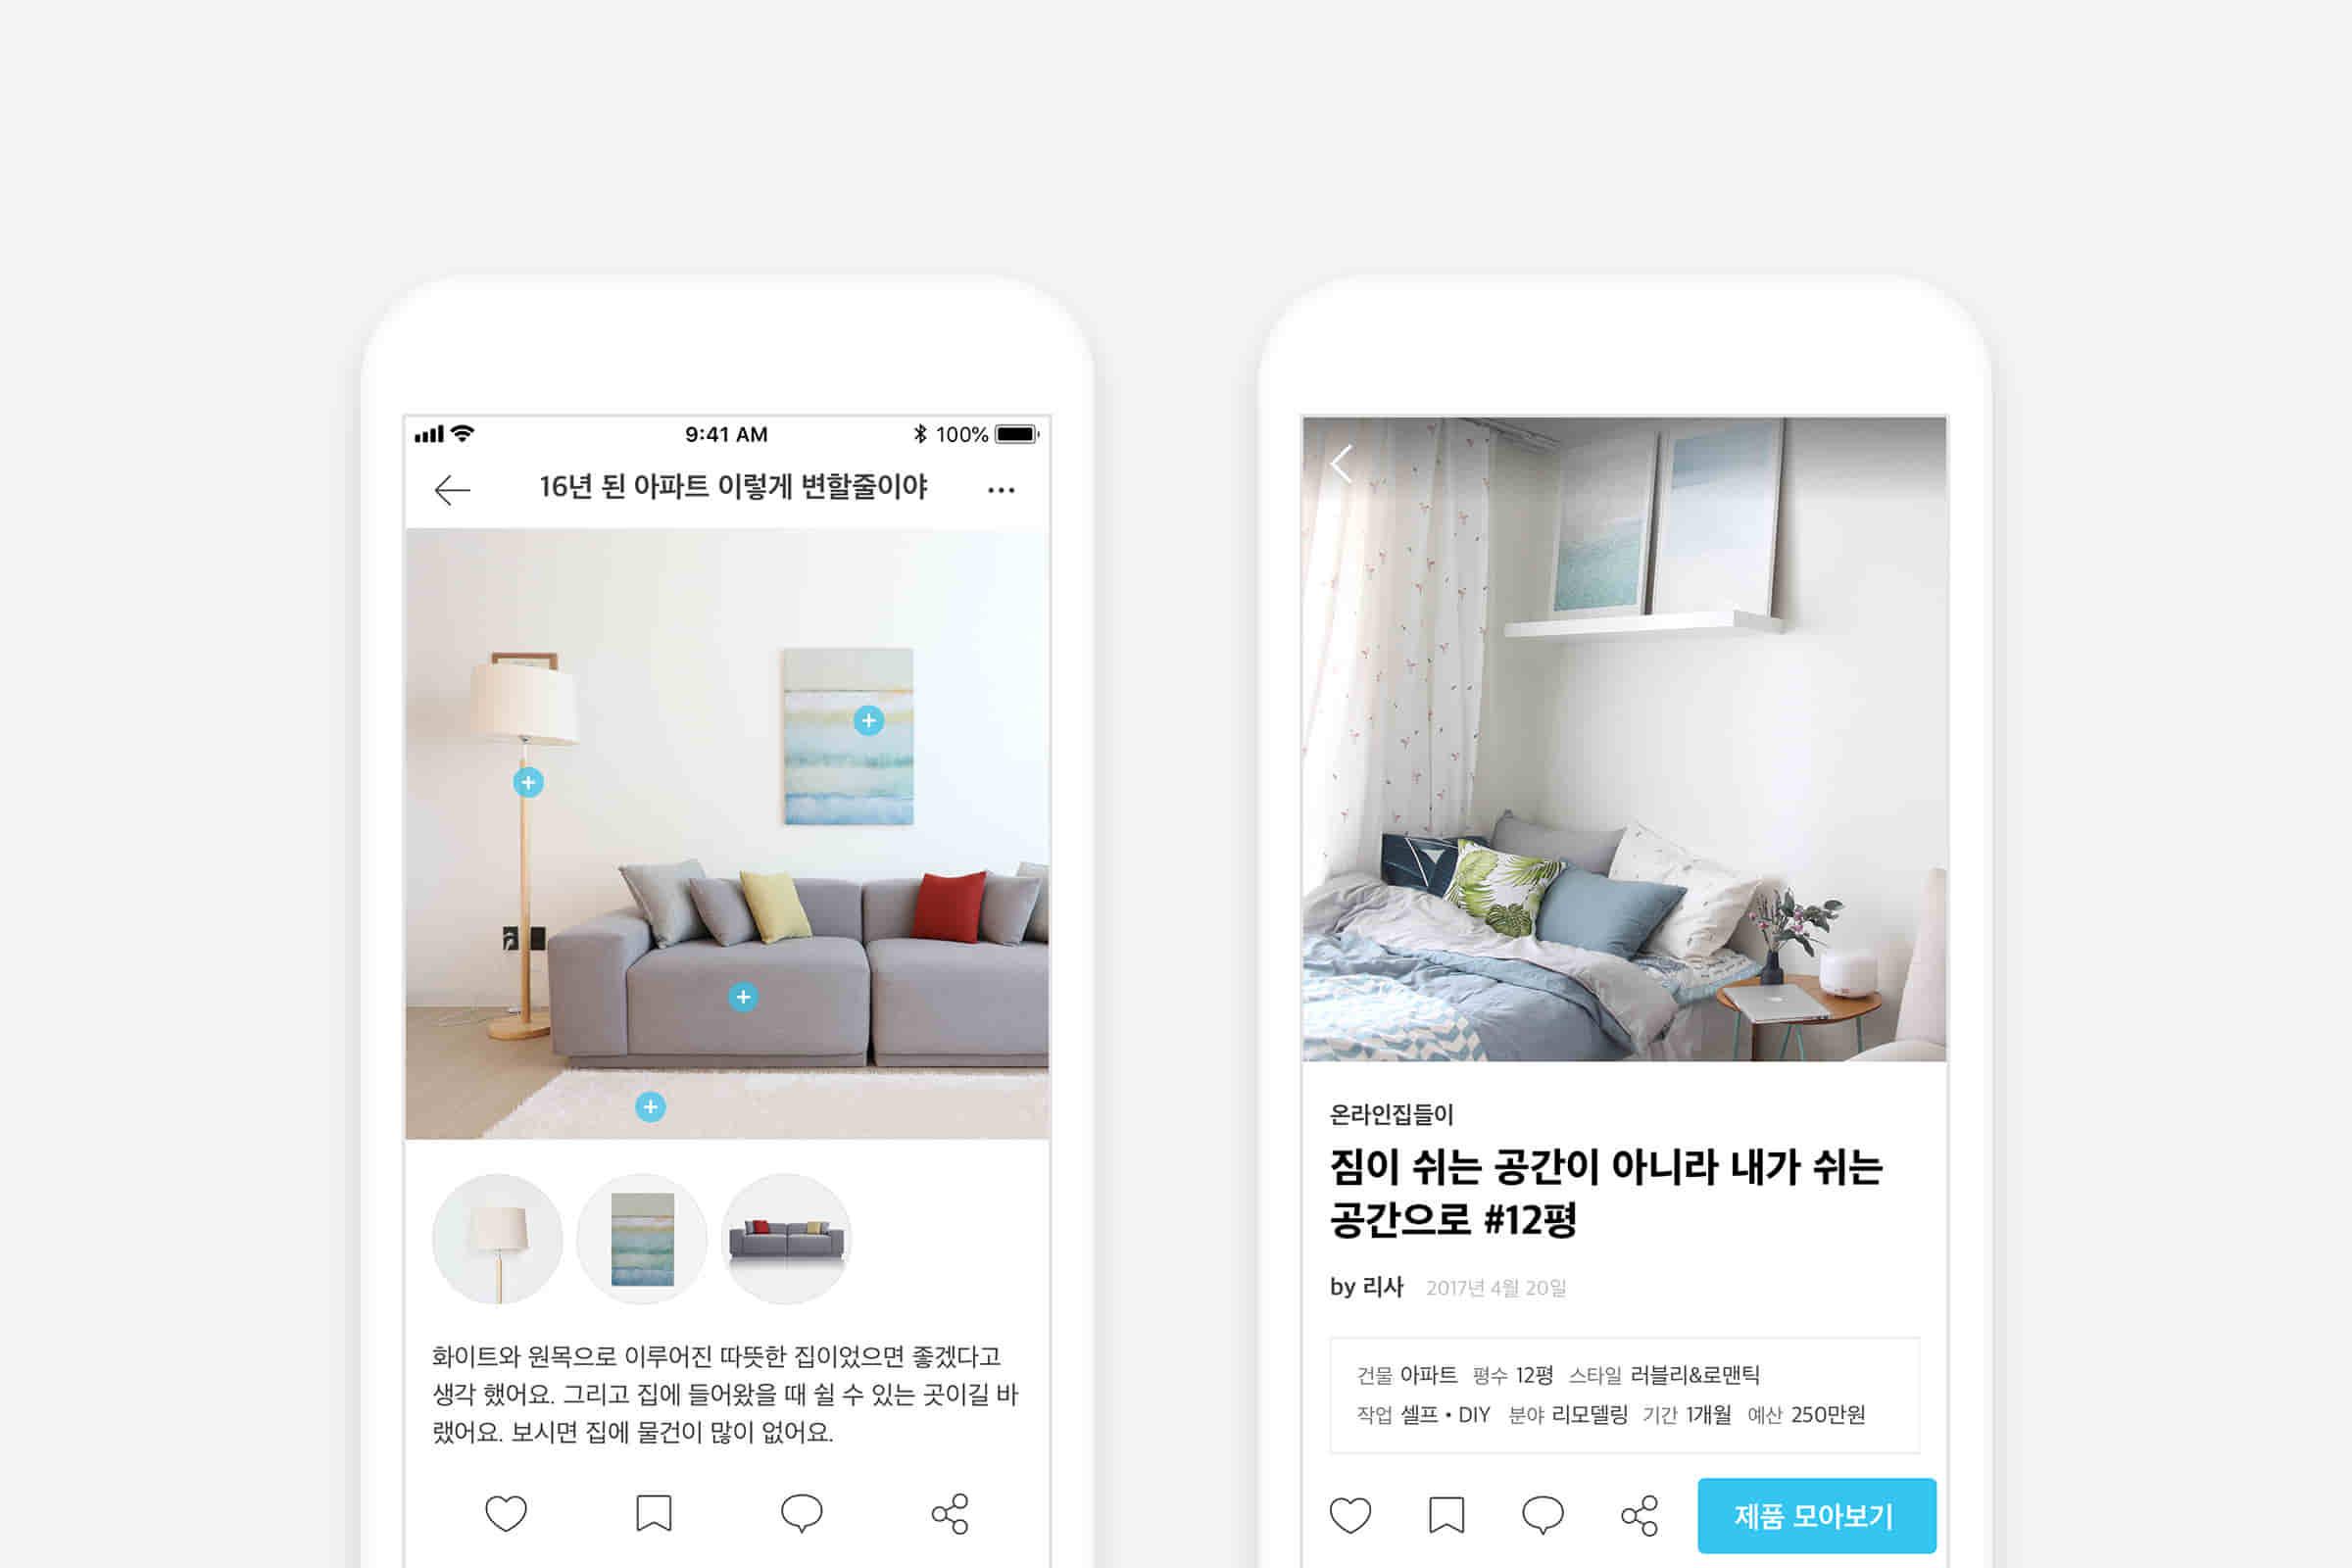 사용자의 인테리어 사진이 잘 보이는 UI 인터페이스 ⓒ오늘의집